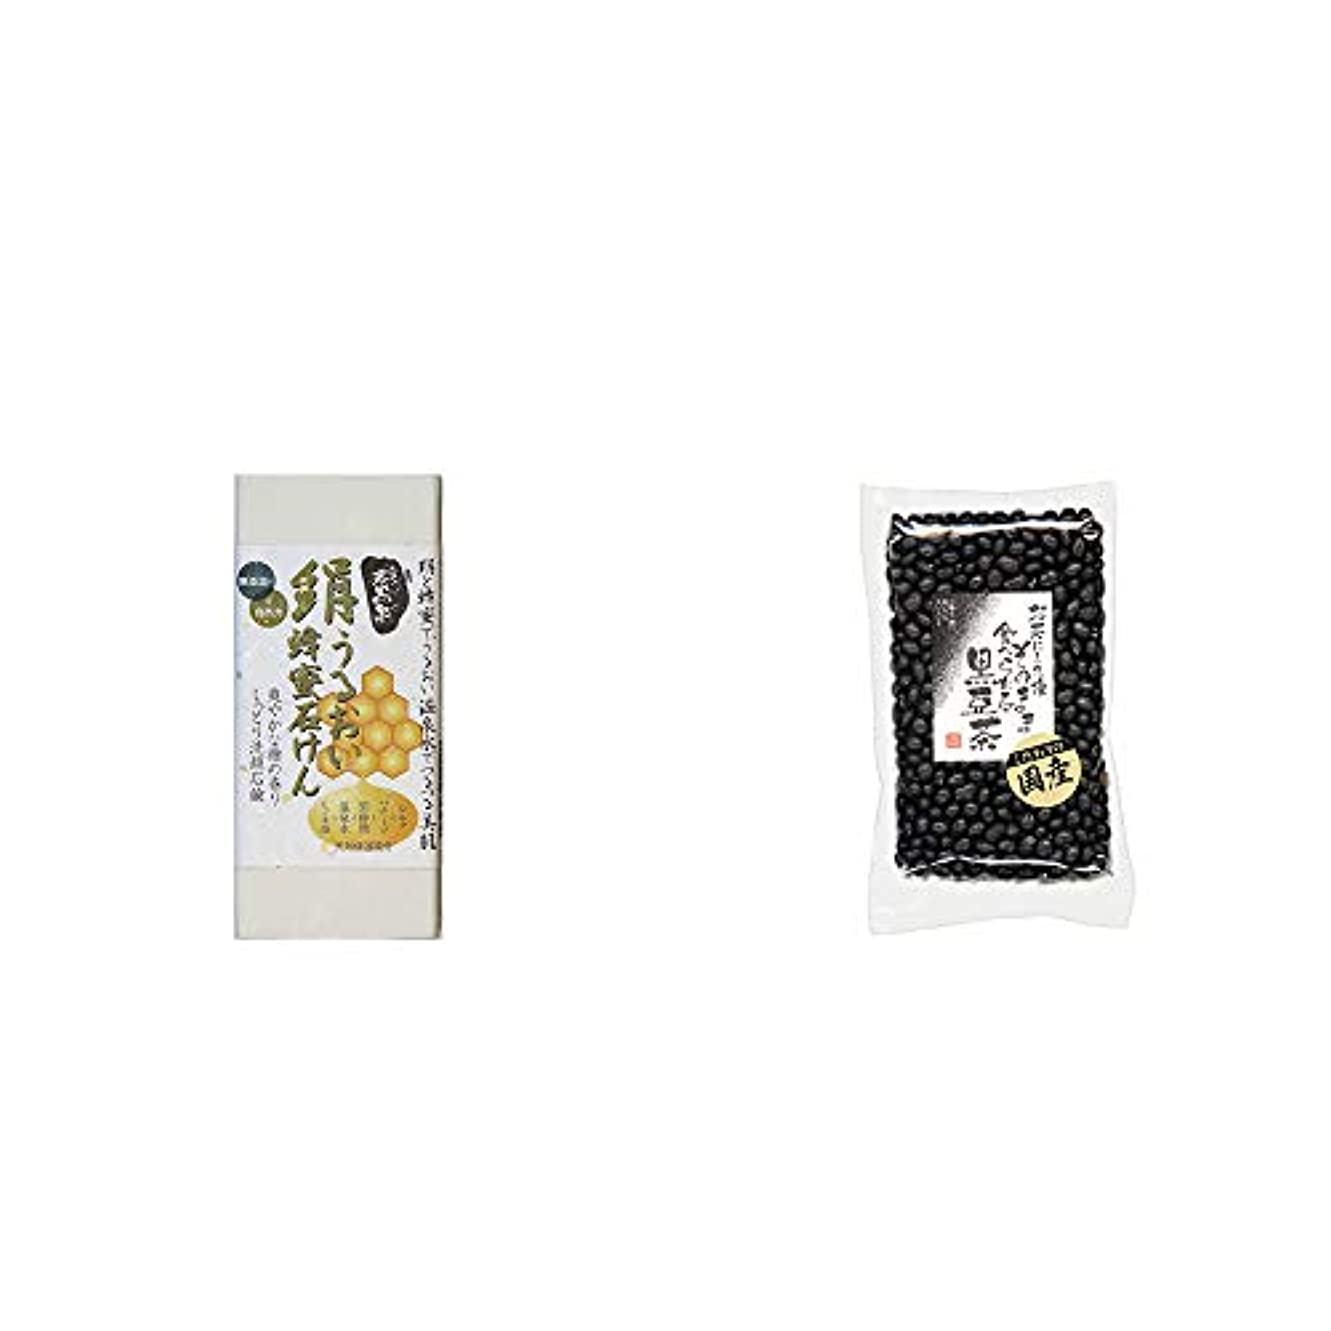 転倒ストライク油[2点セット] ひのき炭黒泉 絹うるおい蜂蜜石けん(75g×2)?国産 黒豆茶(200g)